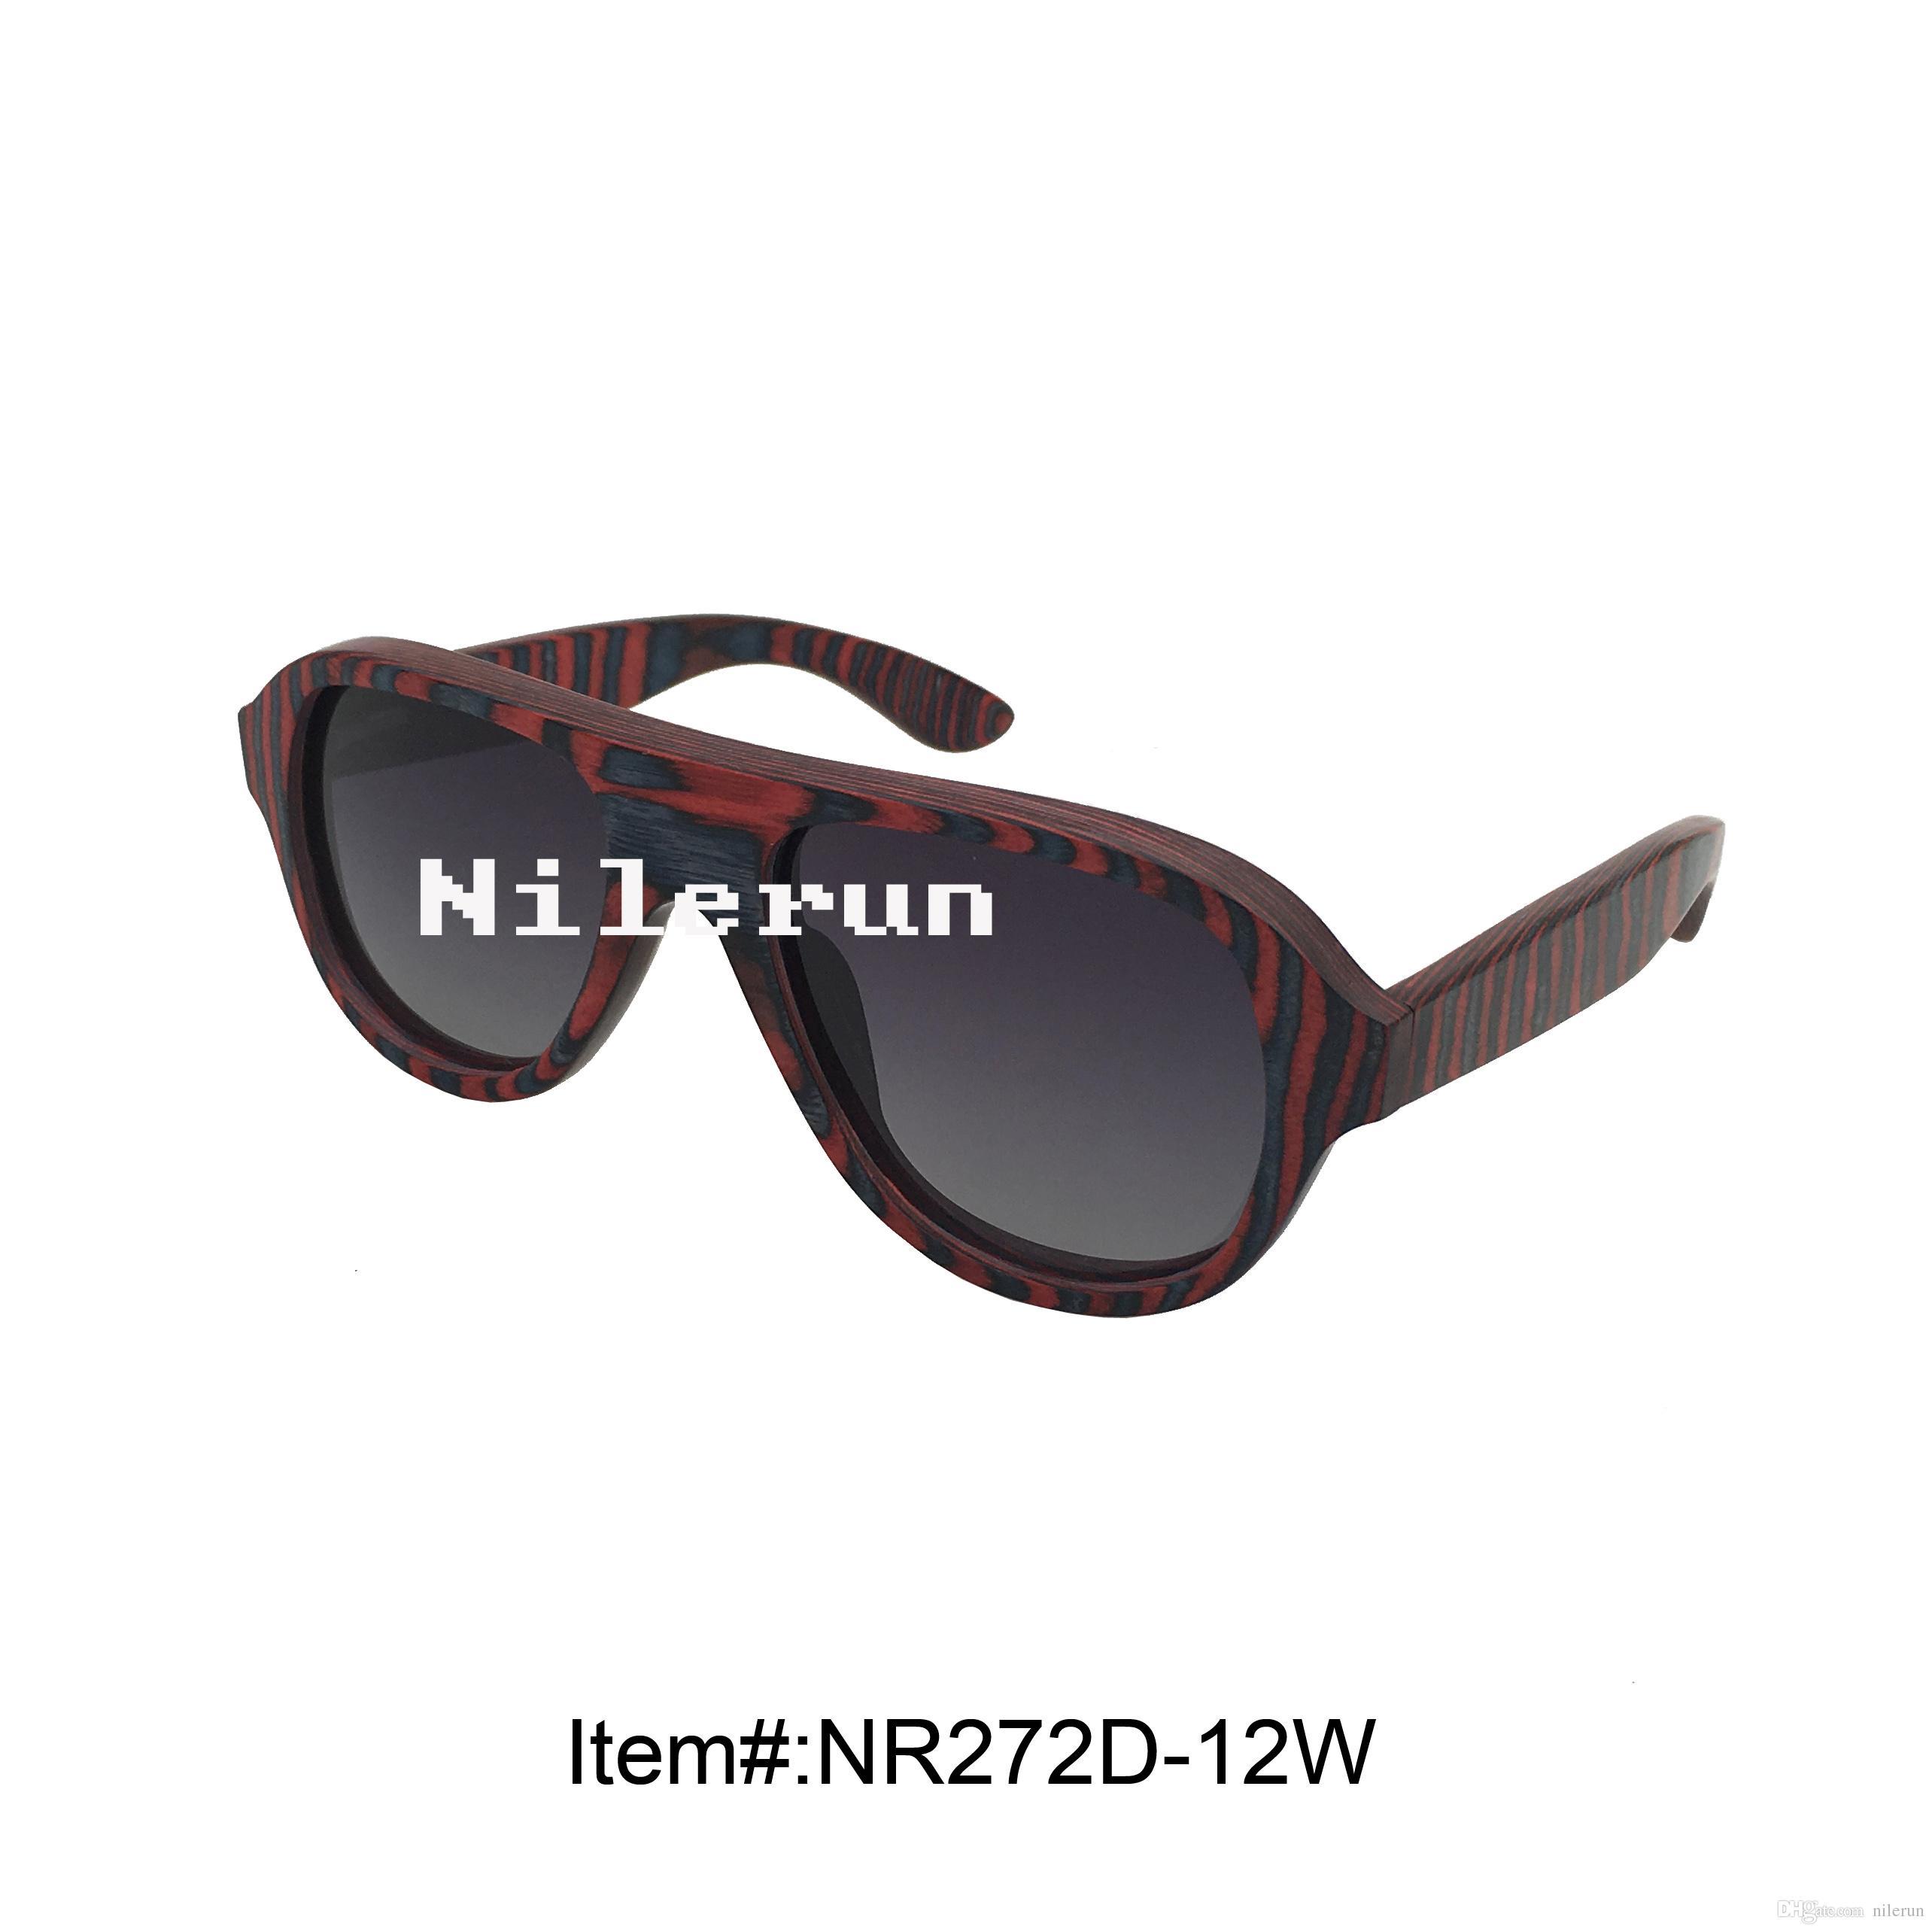 occhiali da sole con montatura in legno color caramello multicolore